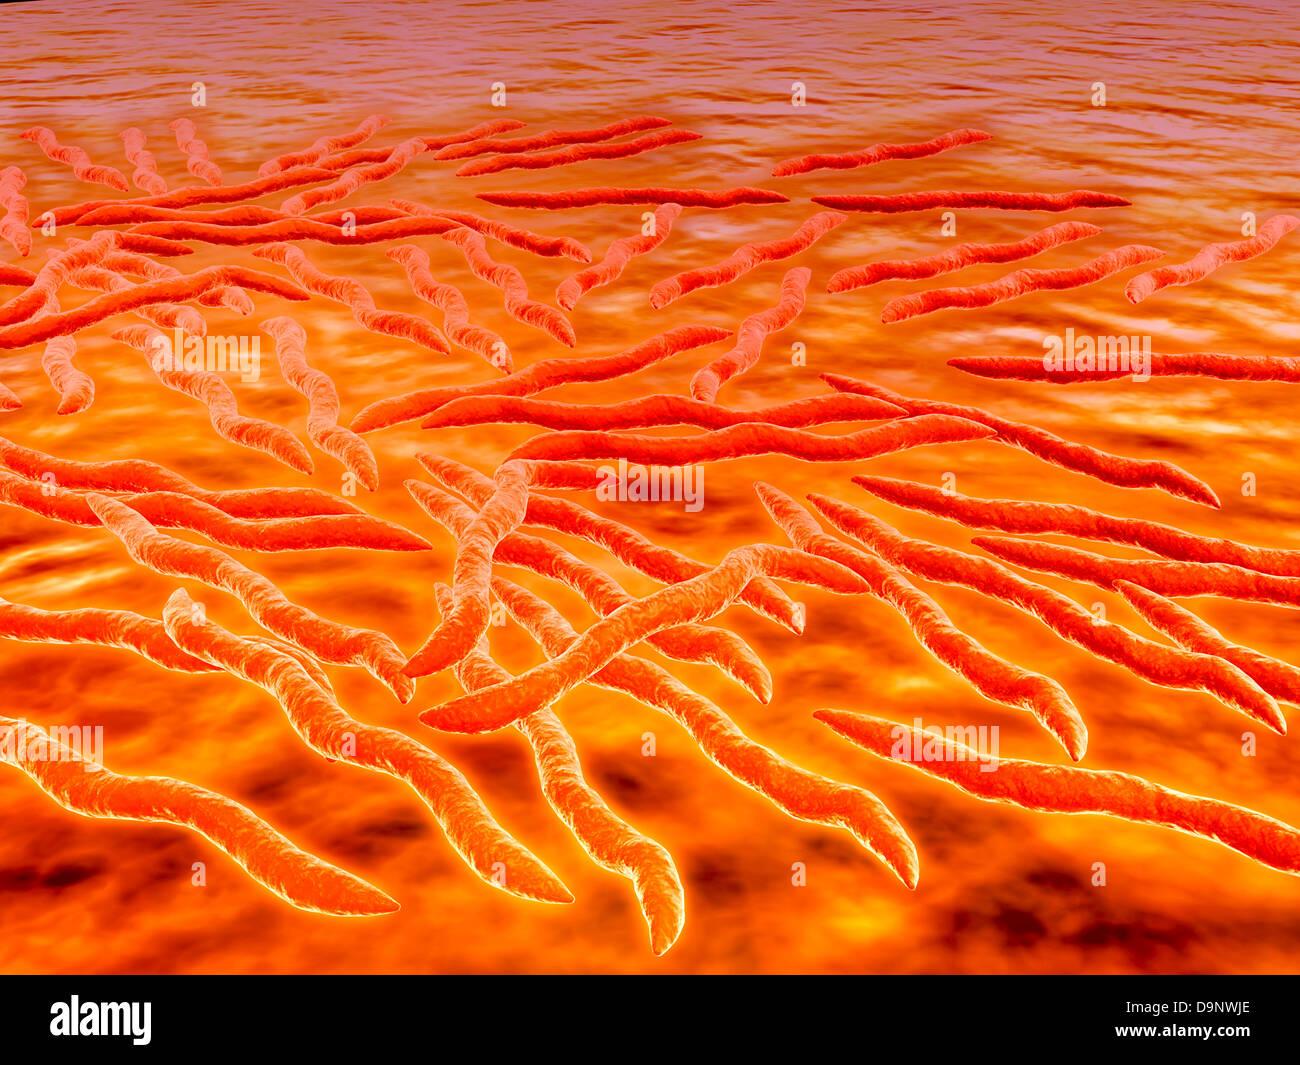 Mikroskopische Ansicht einer Gruppe von Borrelia Burgdorferi, die bakterielle Agent der Lyme-Borreliose durch Zecken Stockbild